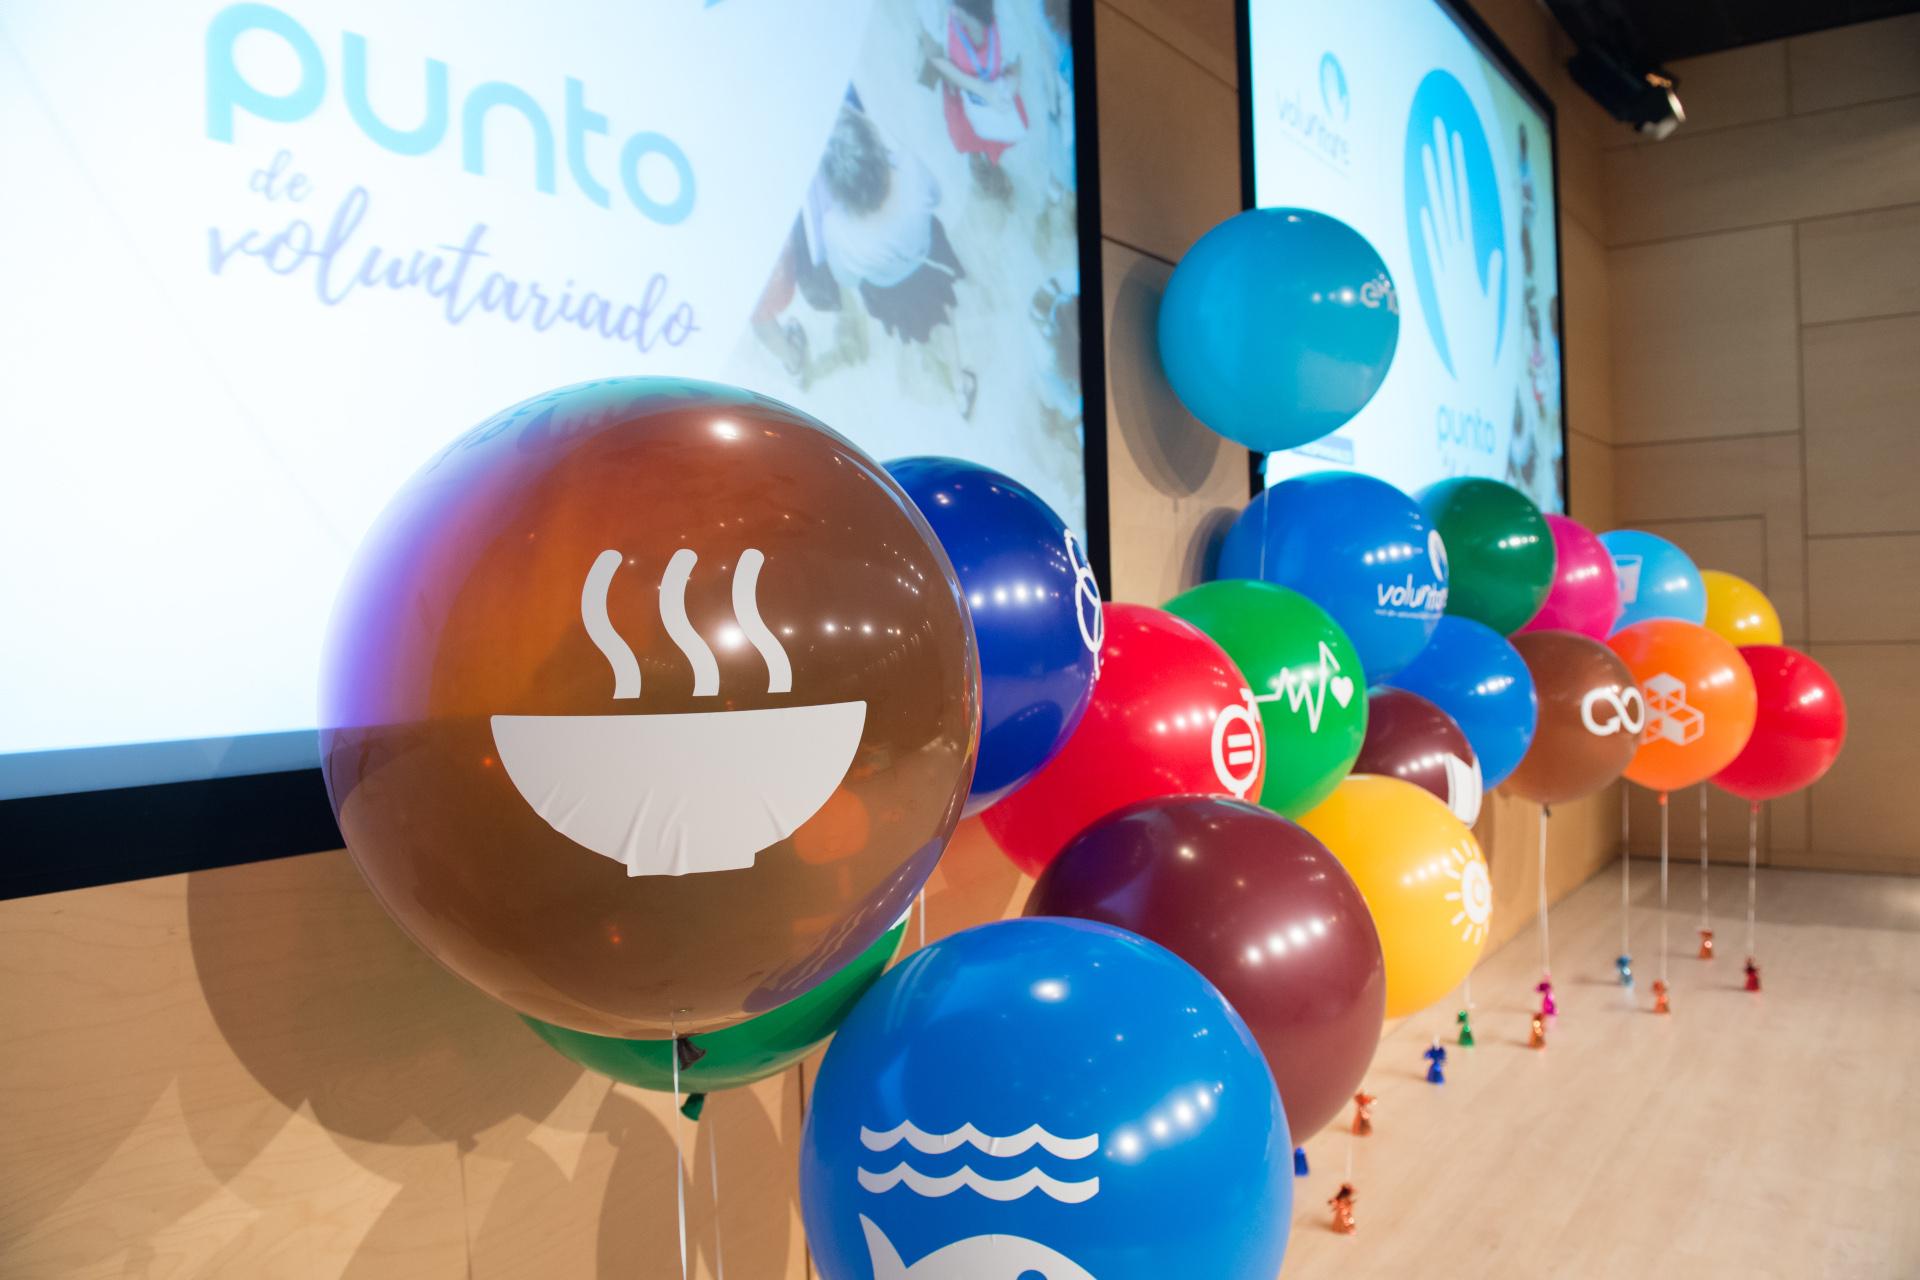 Punto de Voluntariado corporativo de Voluntare. Primera edición celebrada en Endesa en 2019. Segunda edición, la primera virtual, en 2021.